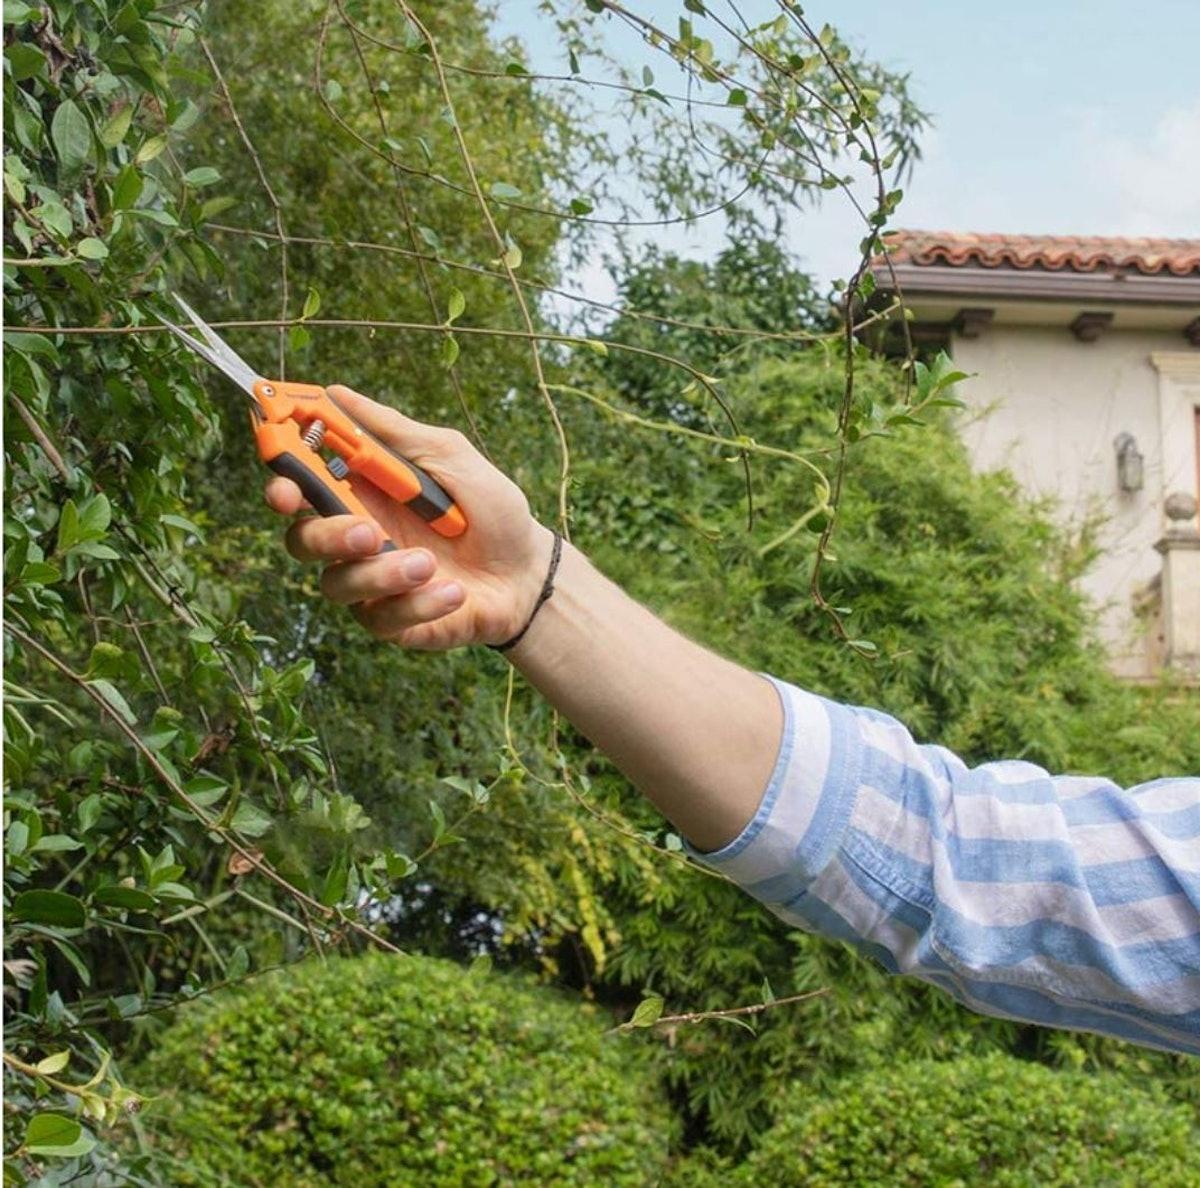 VIVOSUN Gardening Pruning Shear